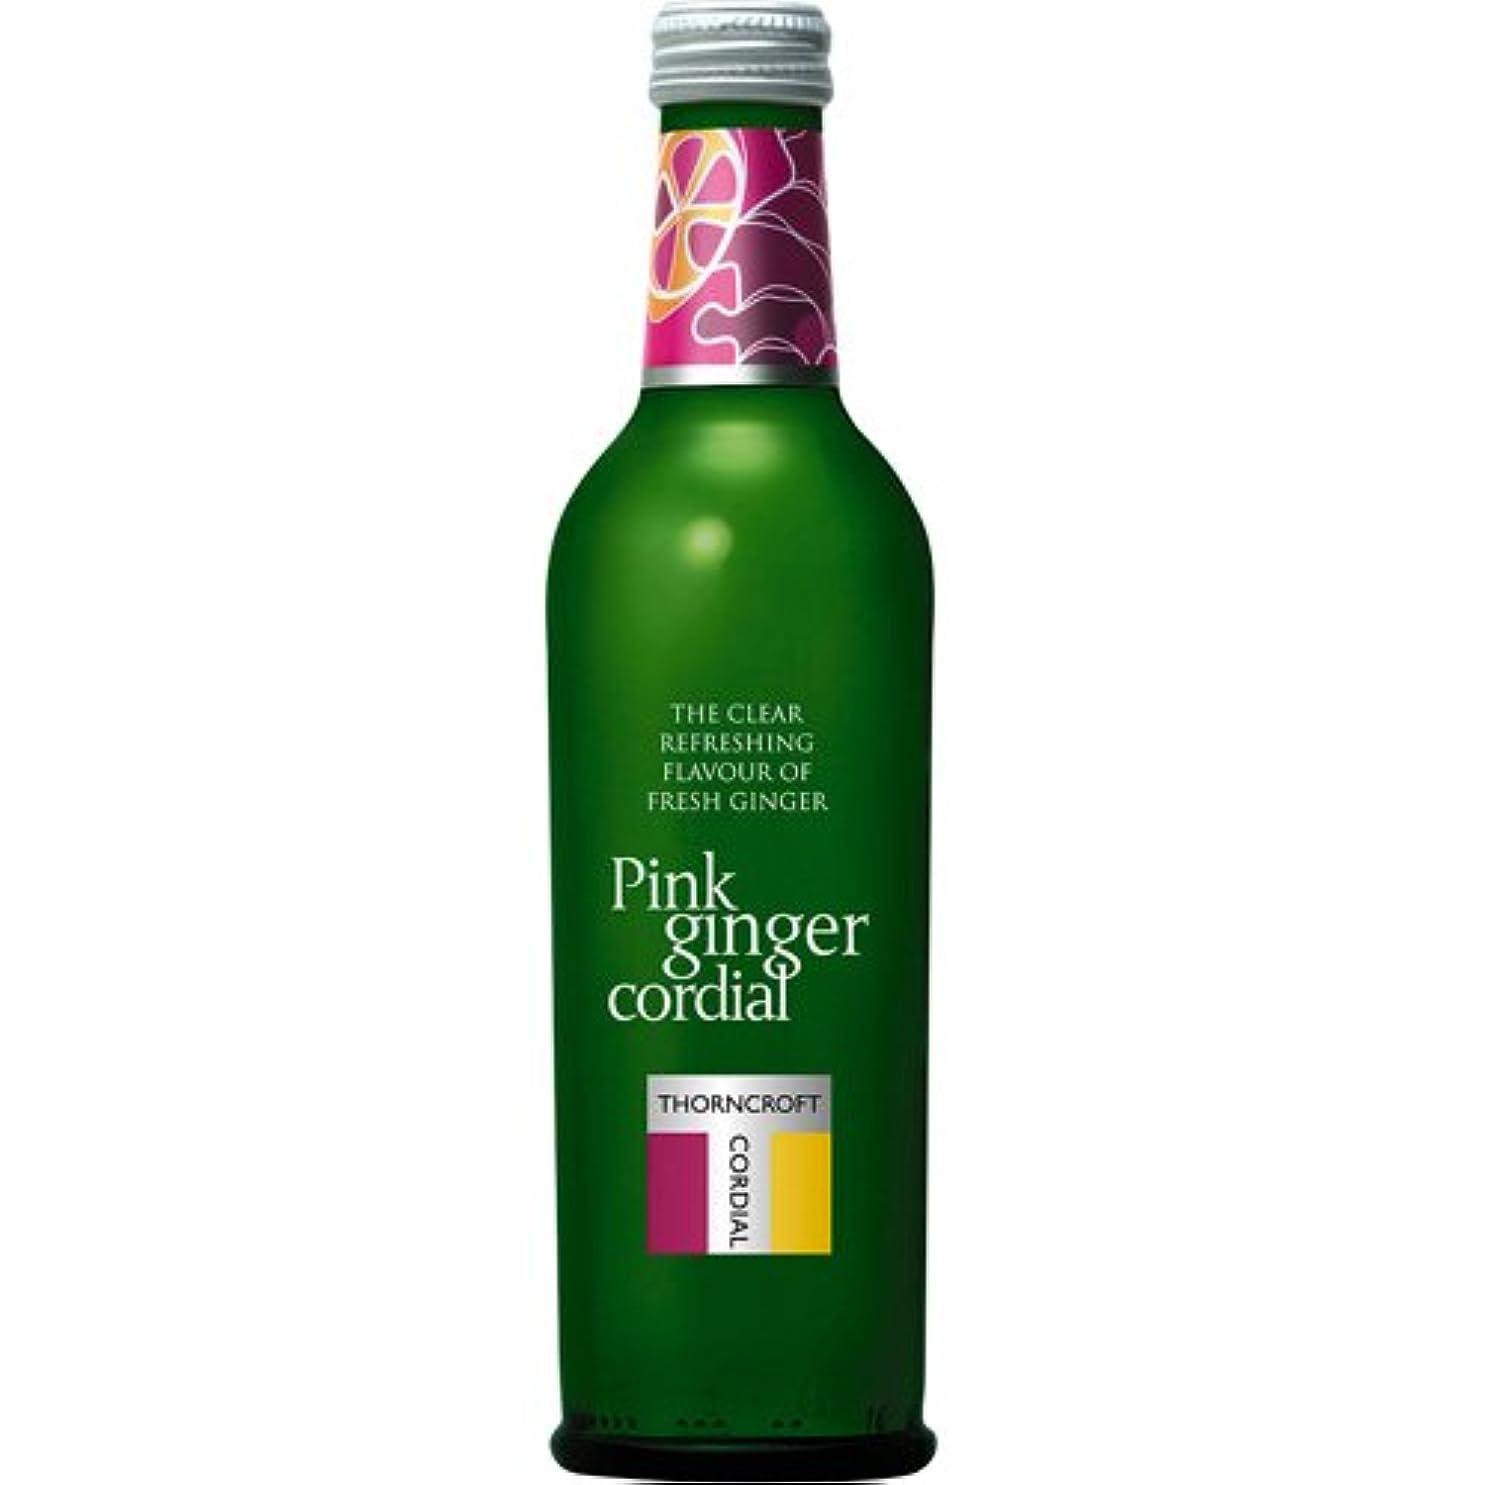 リーガン豊富手書きハーブコーディアル ピンクジンジャー 375ml 健康食品 美容サポート 美容ドリンク [並行輸入品]